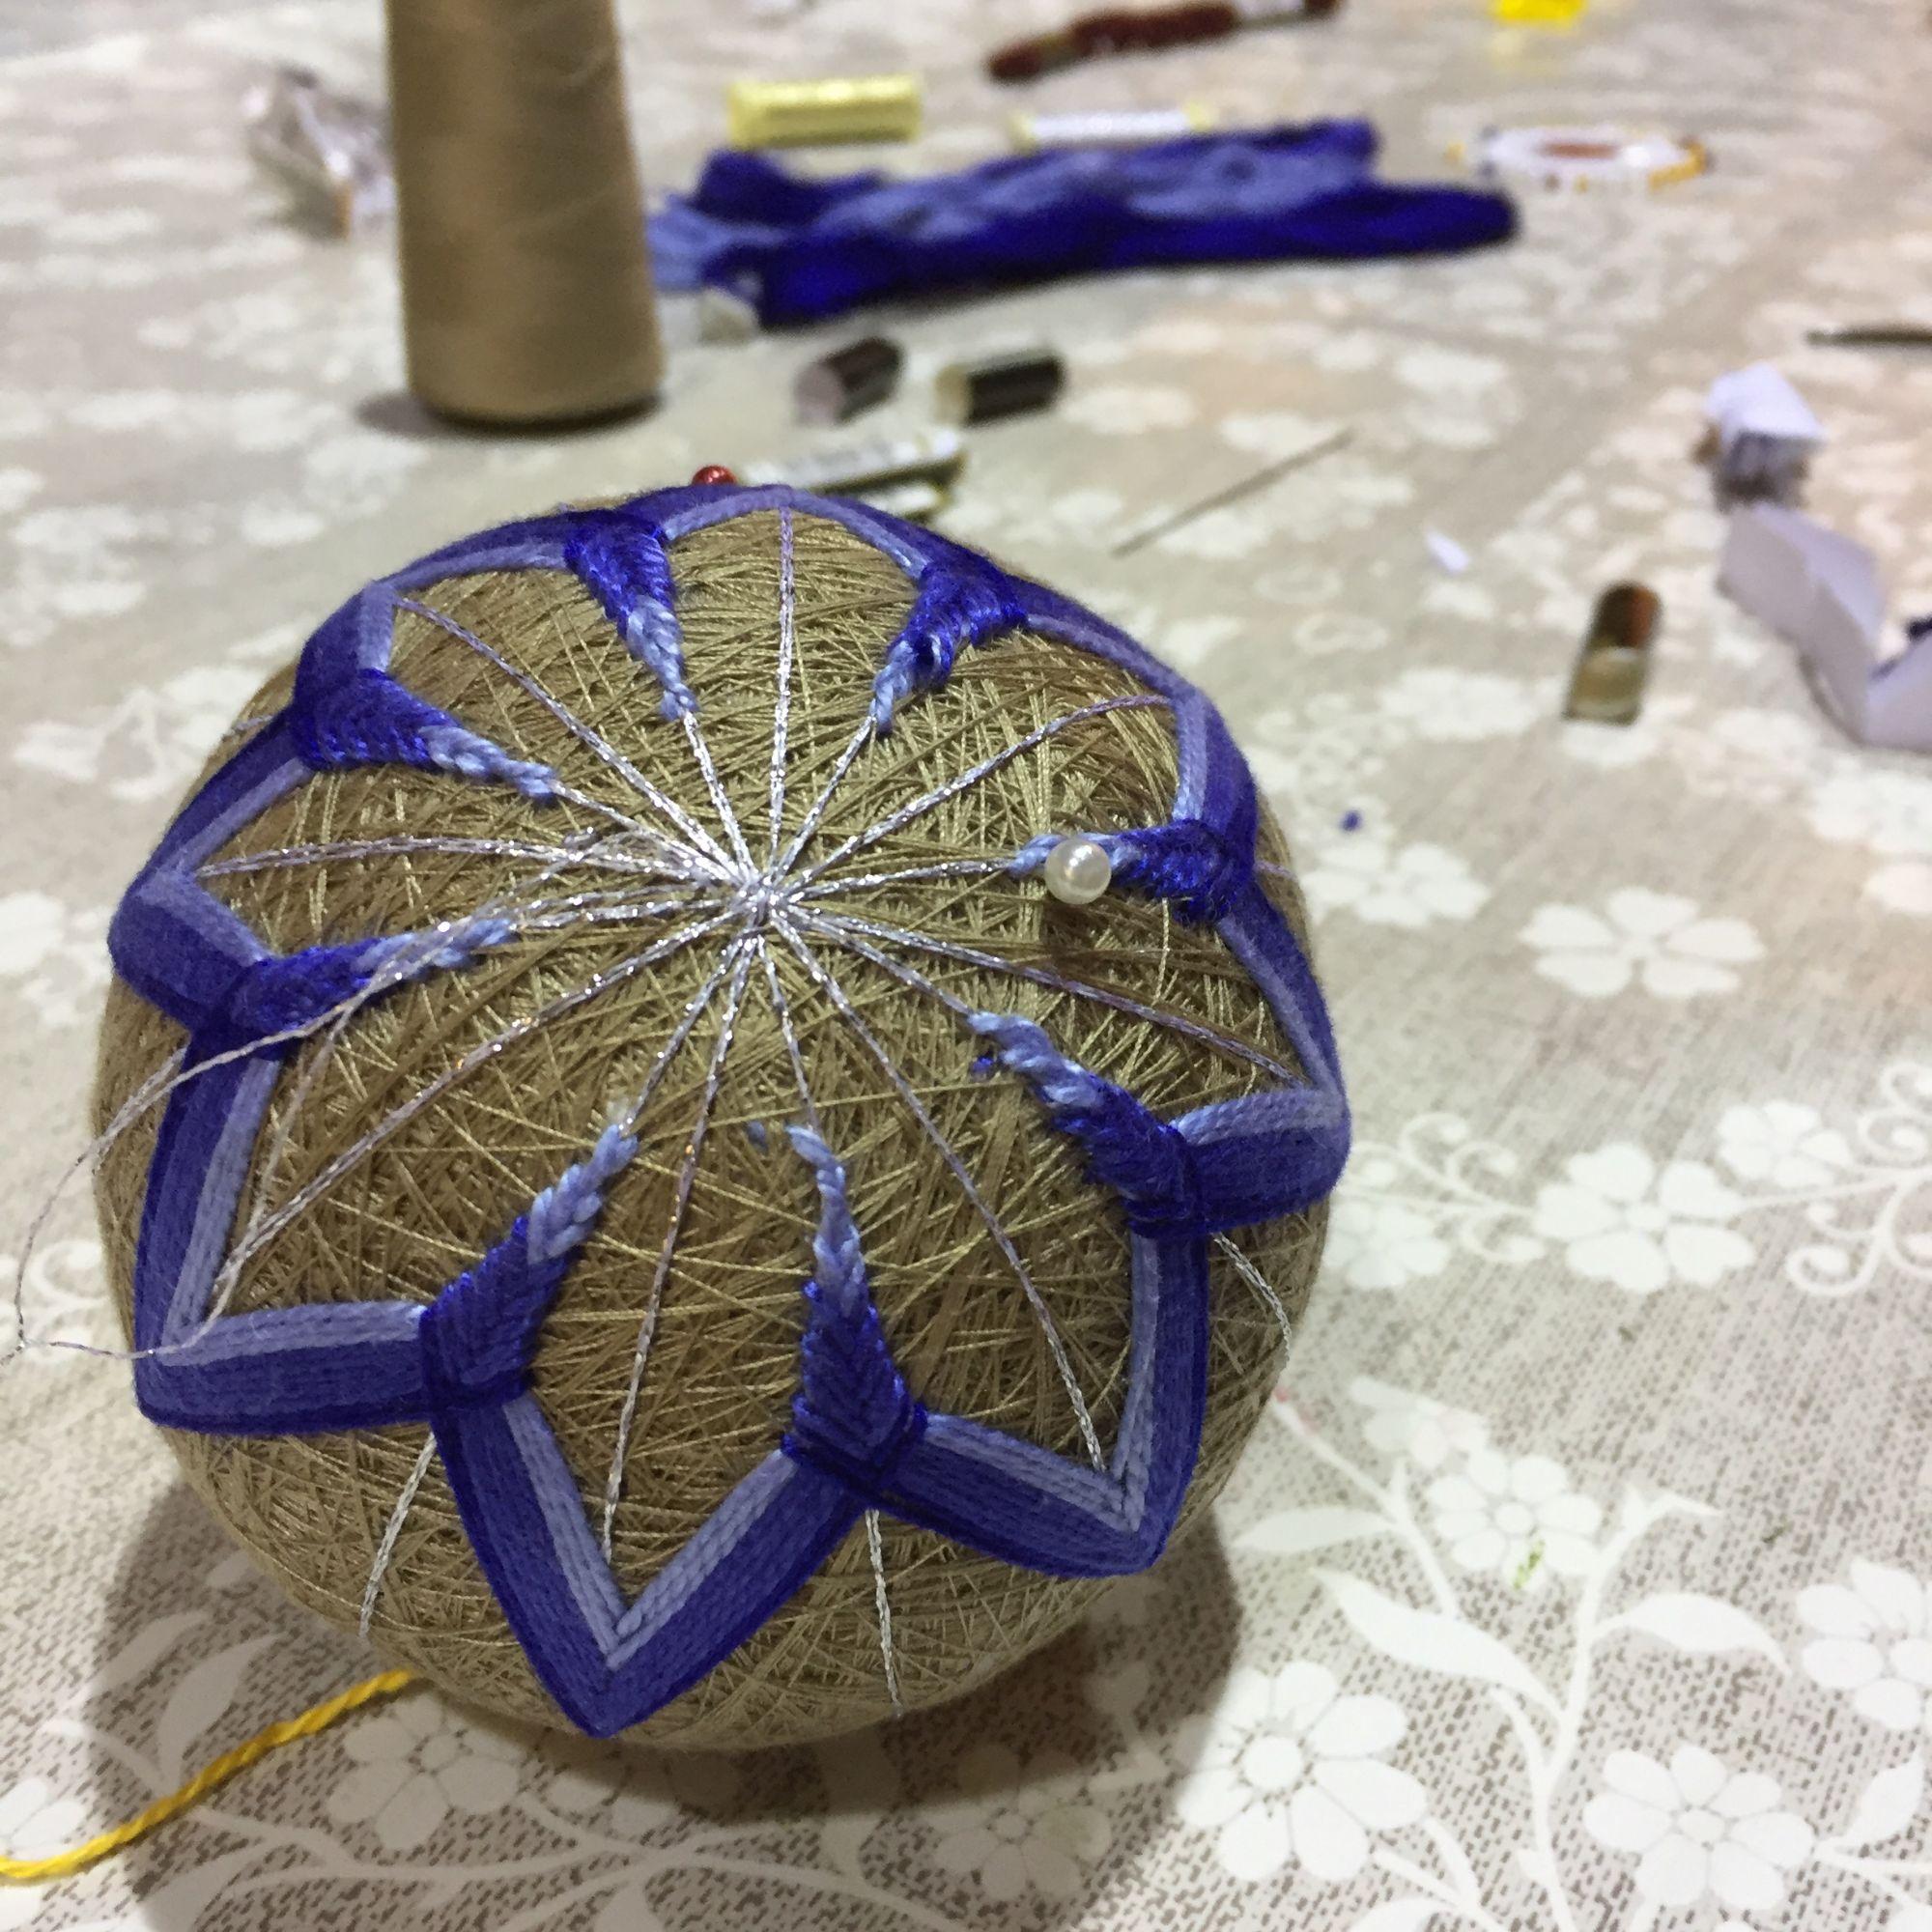 Temari Ball Making Workshop  - Starting